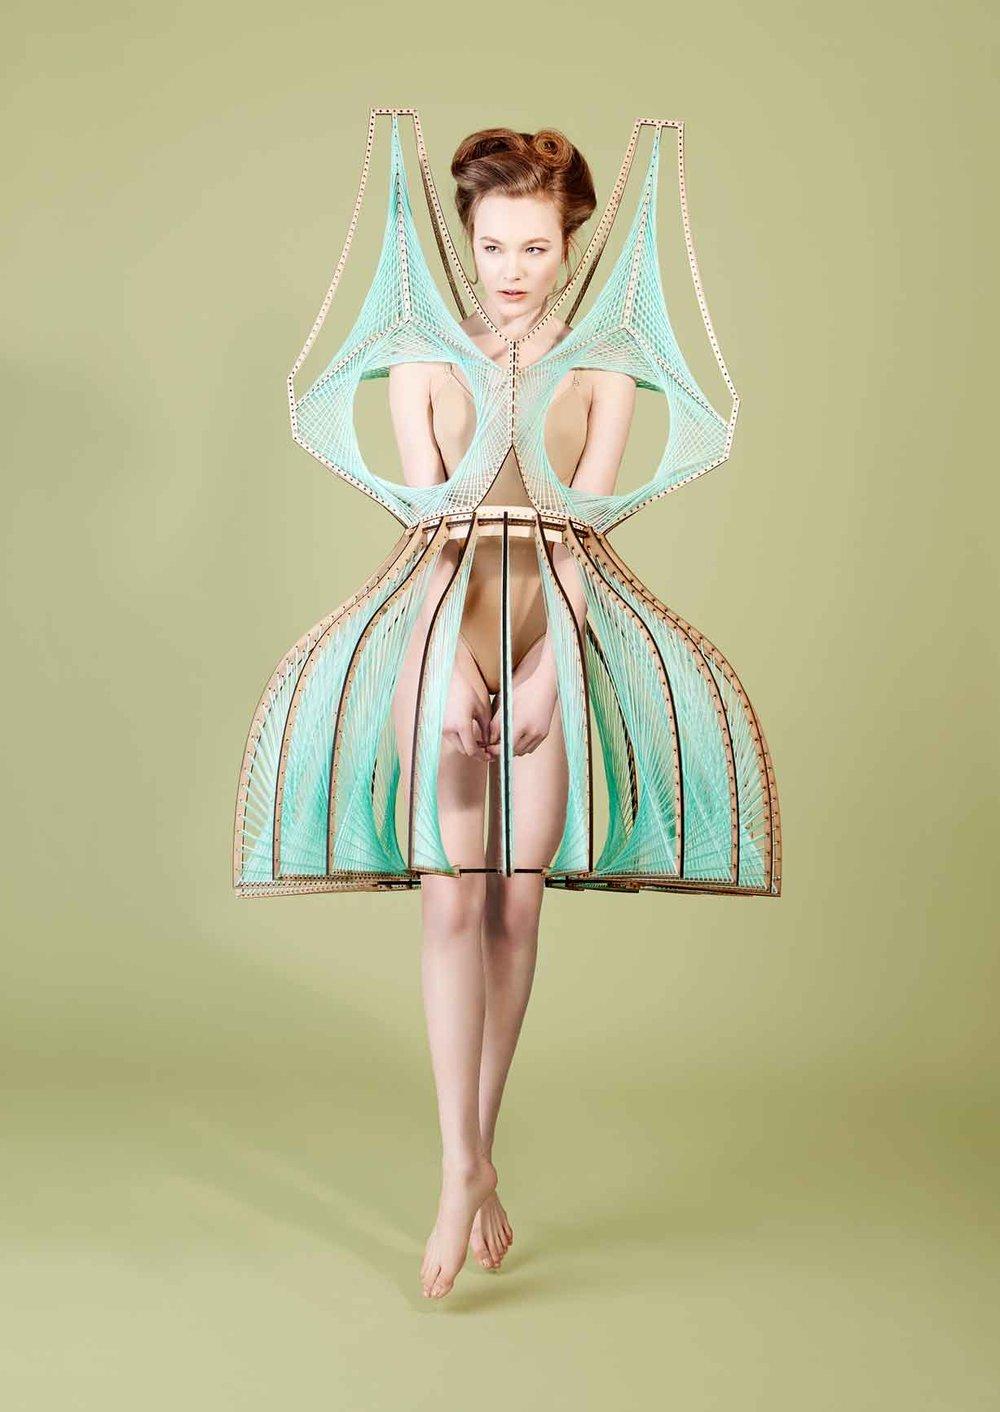 Toni Martin, BA Hons Fashion Design, University of Salford. Breate In, 2016, by Toni Martin, BA Hons Fashion Design, University of Salford.